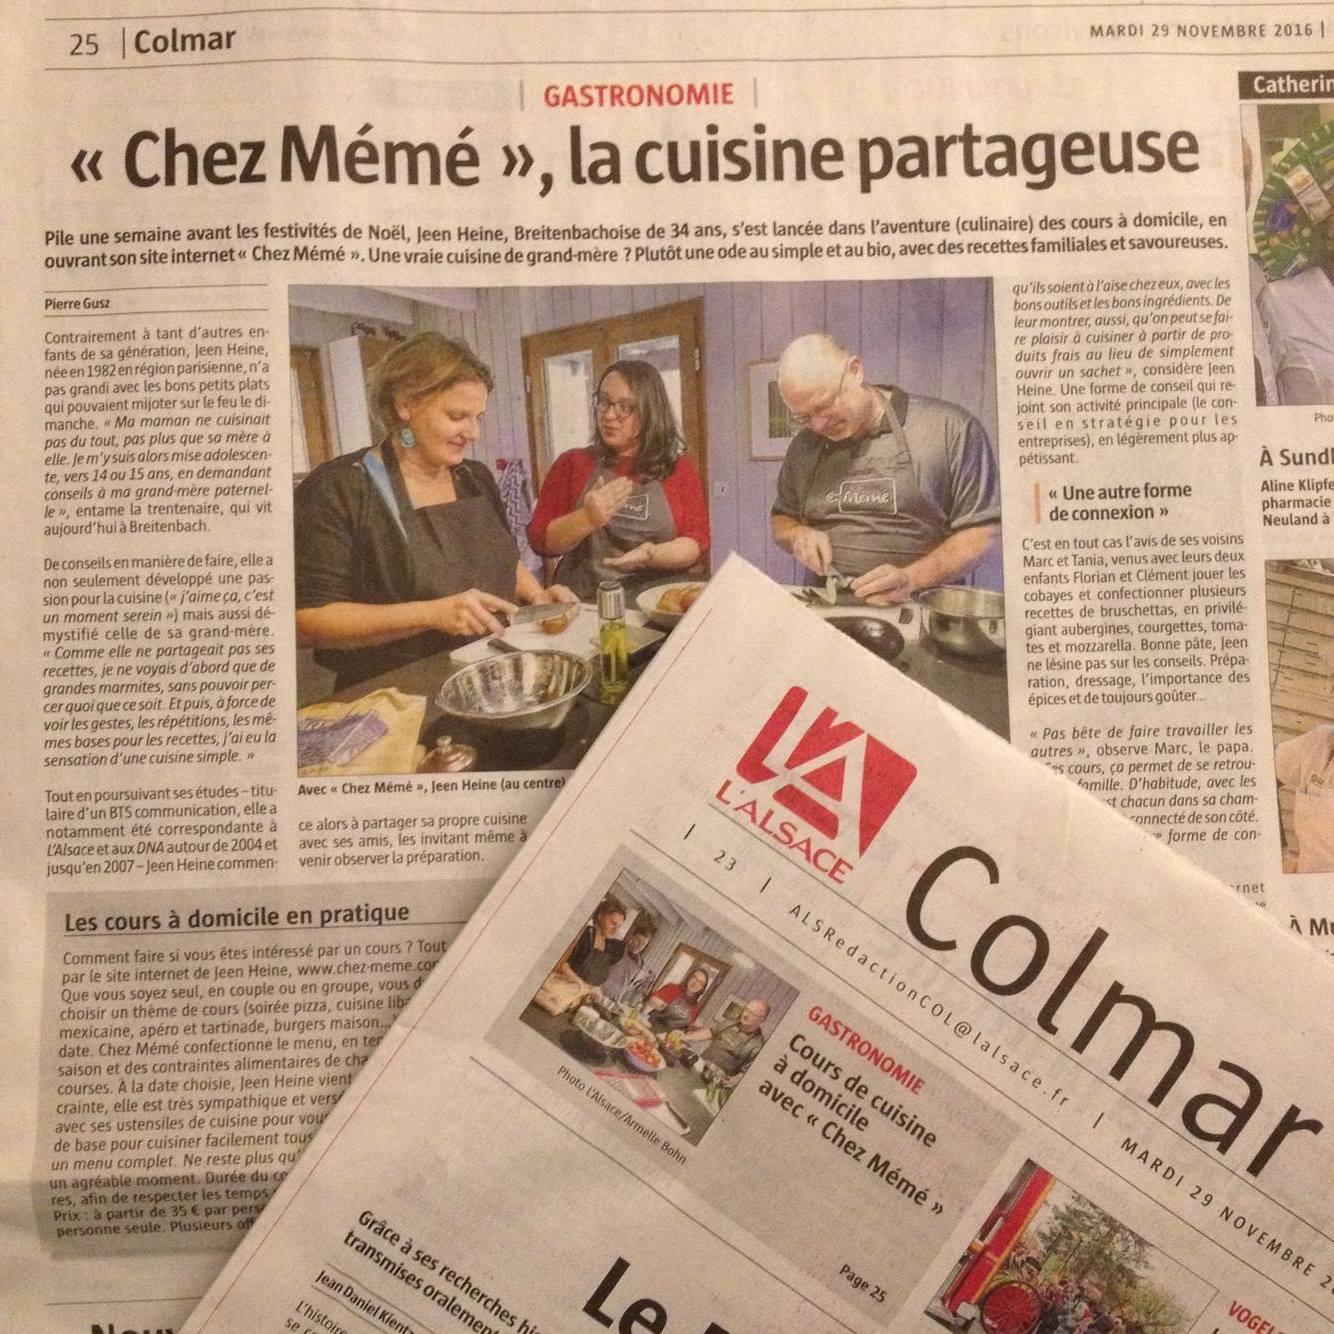 chez-mémé-cours-de-cuisine-alsace-article-gastronomie-colmar-cours-à-domicile